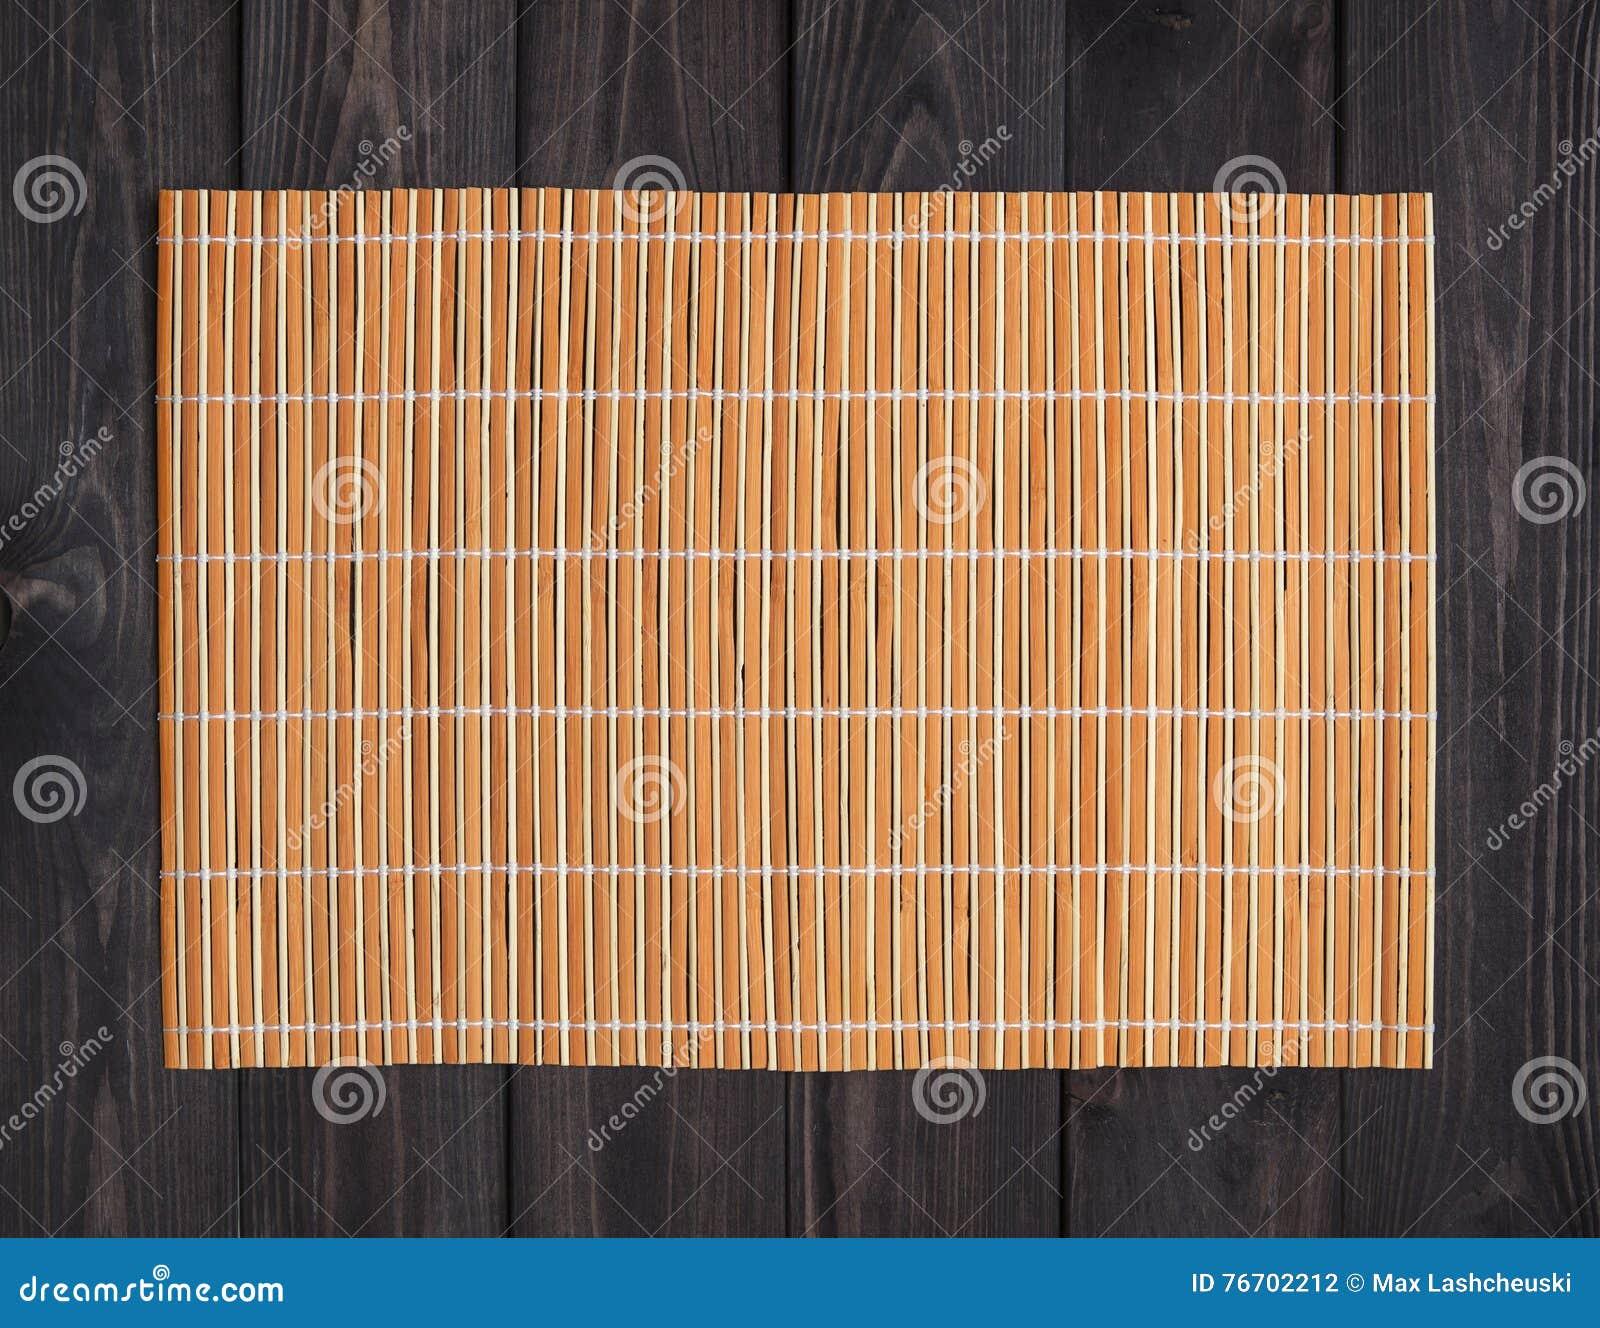 Χαλί μπαμπού στον ξύλινο πίνακα, τοπ άποψη